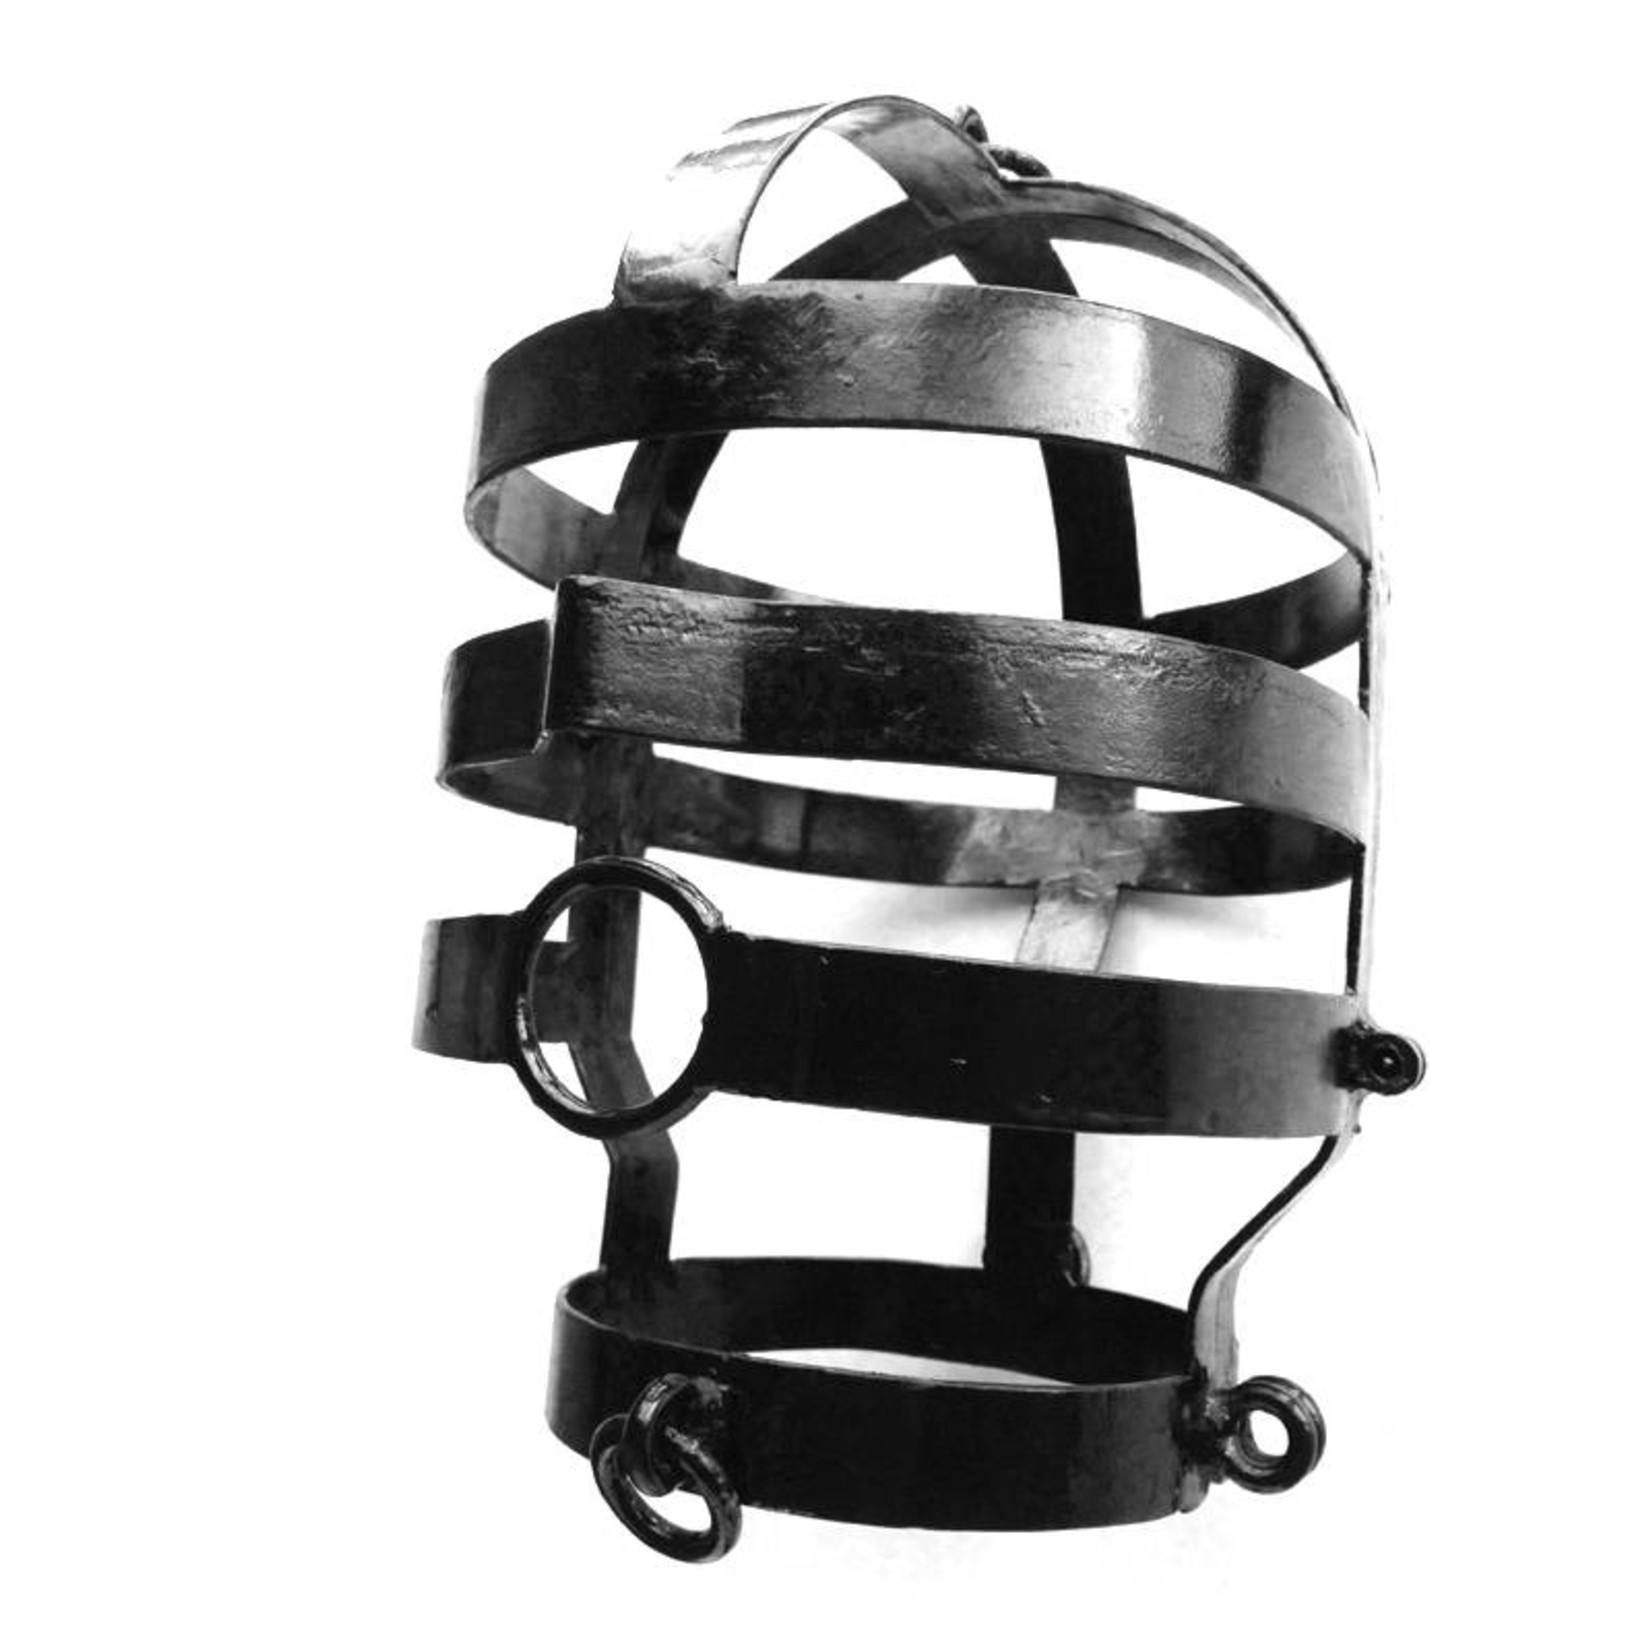 KIOTOS Steel Head Cage, Large, Black Coated